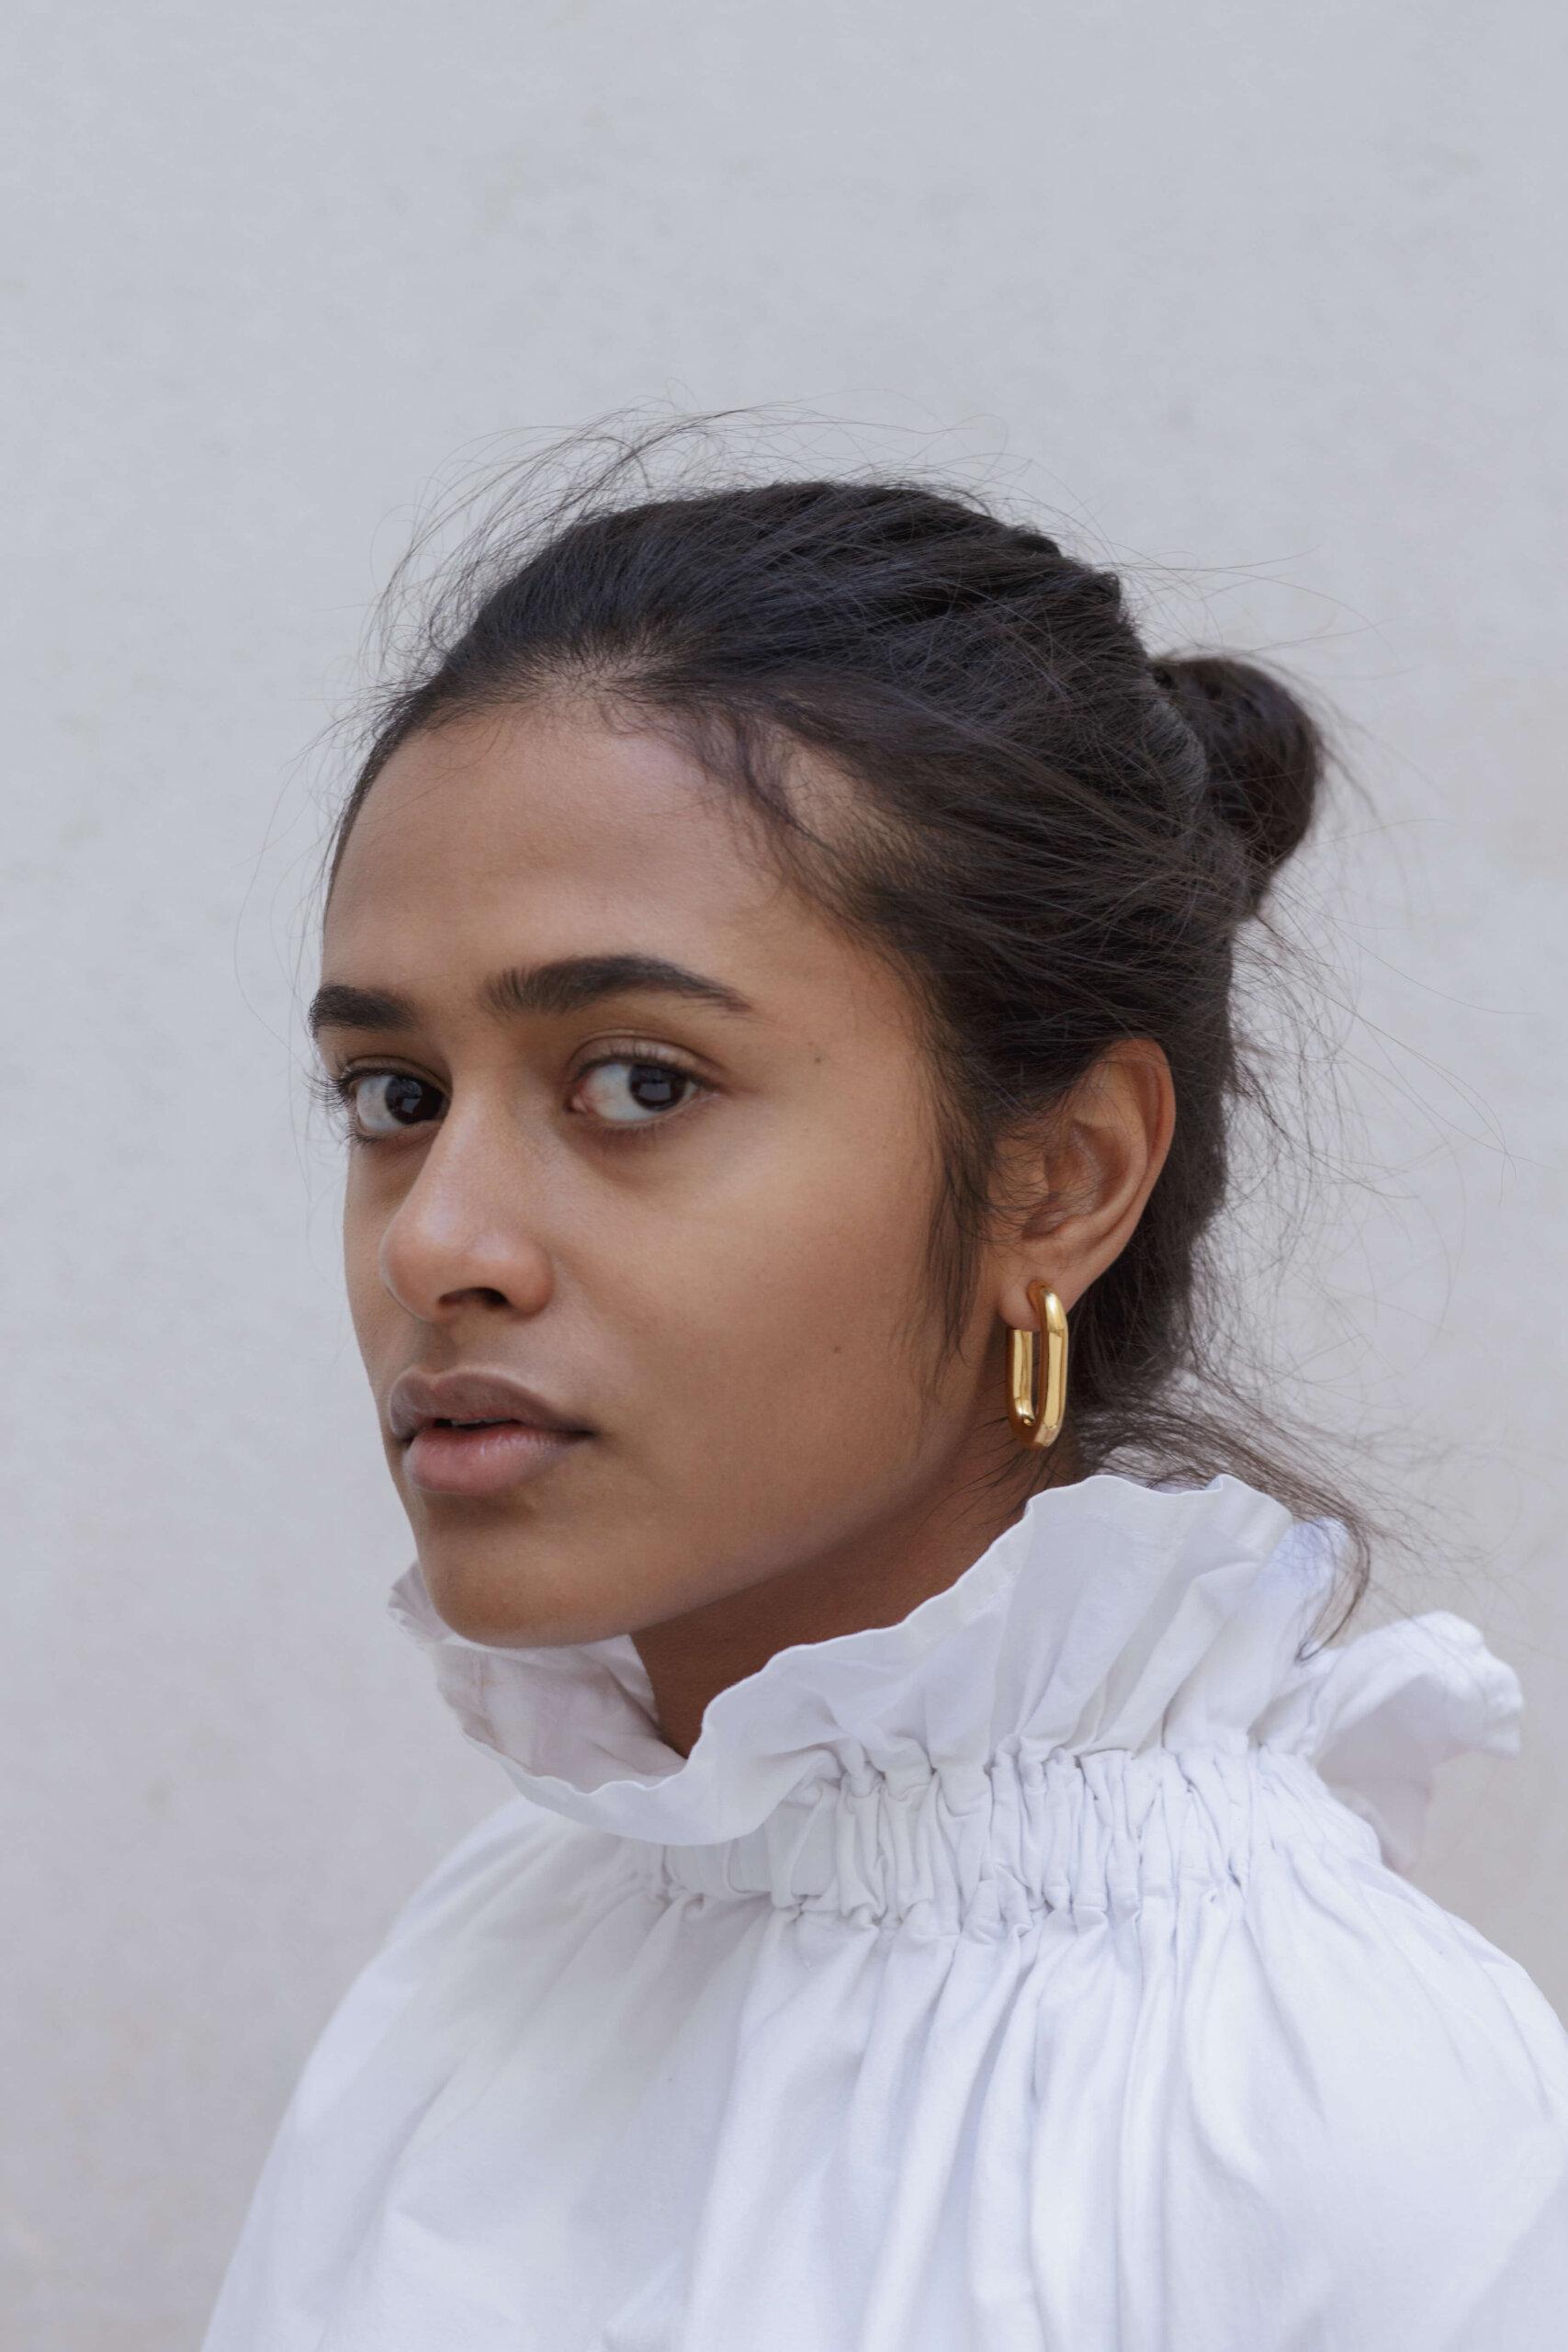 the-xl-golden-link-earring-by-glenda-lopez-lookbook